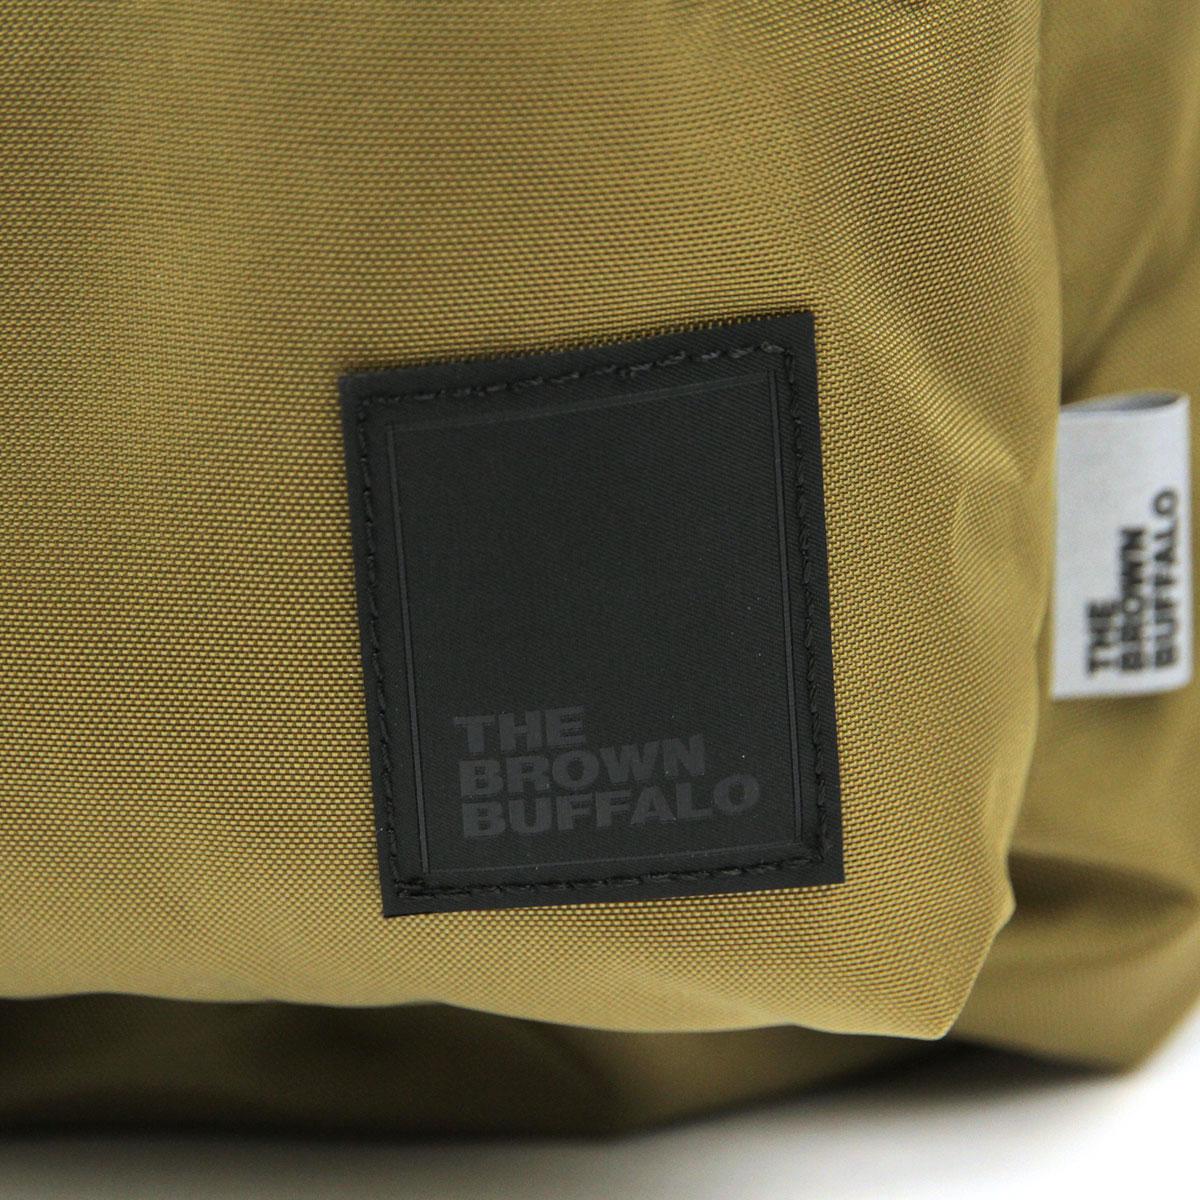 ザ ブラウン バッファロー バックパック メンズ レディース 正規販売店 THE BROWN BUFFALO リュックサック バッグ STANDARD ISSUE BACKPACK COYOTE F18DP420DCOY5 AA7B B3C C8D D3E E05F